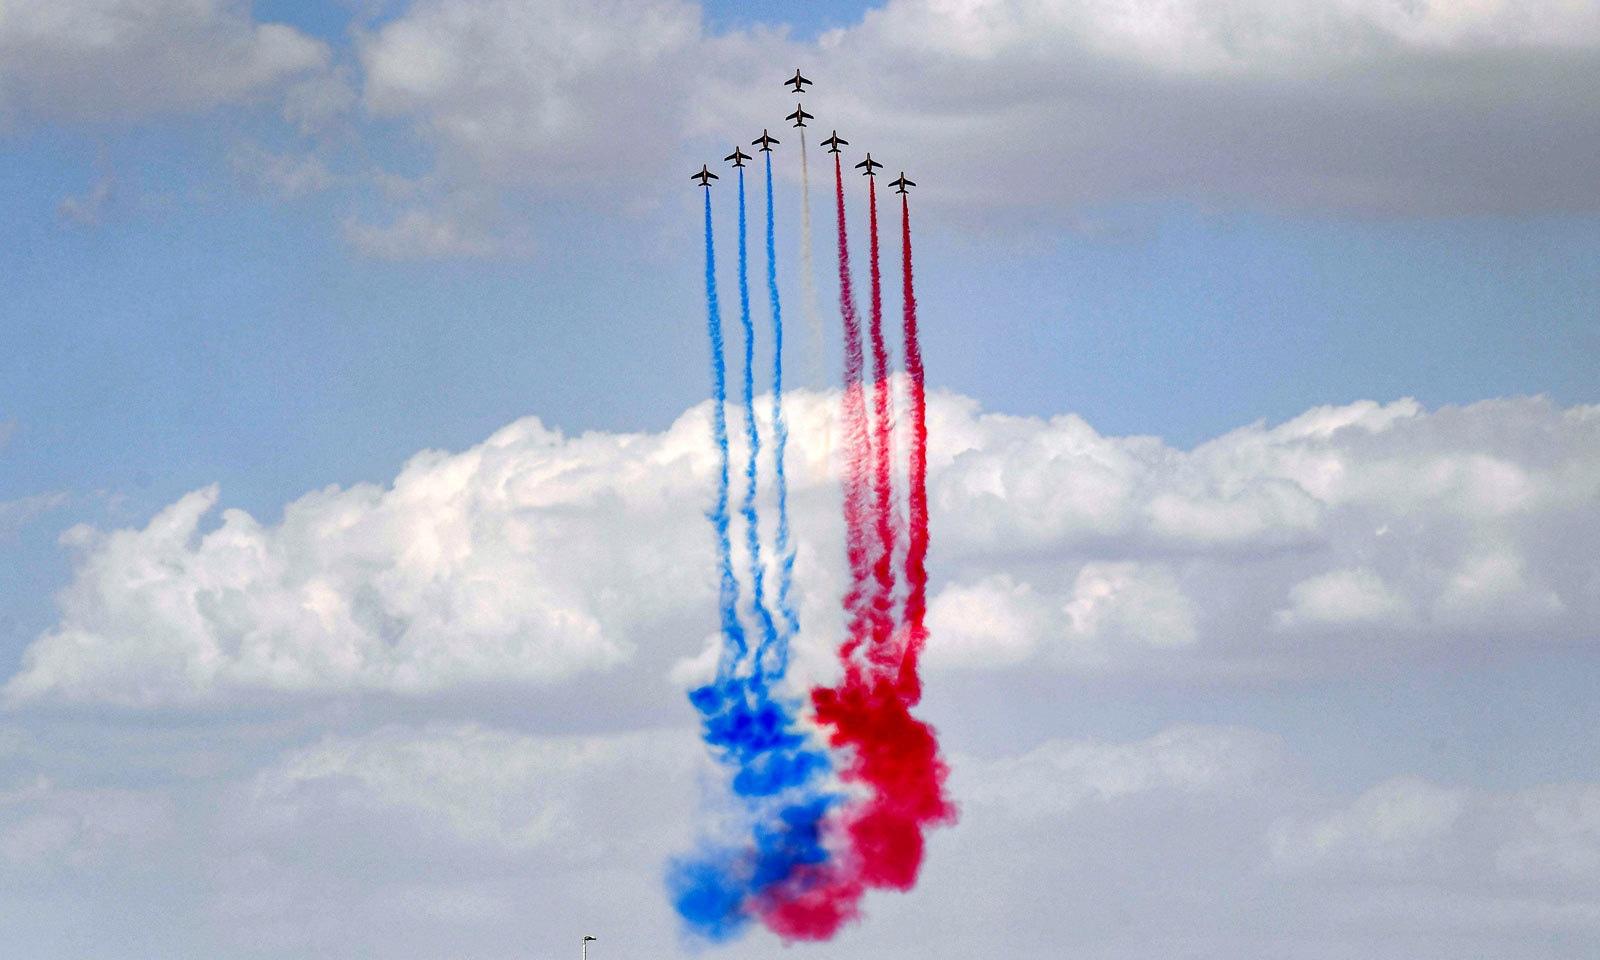 جہازوں کی یہ نمائش اور ایئر شو 17 سے 21 نومبر تک جاری رہے گا — فوٹو: اے ایف پی